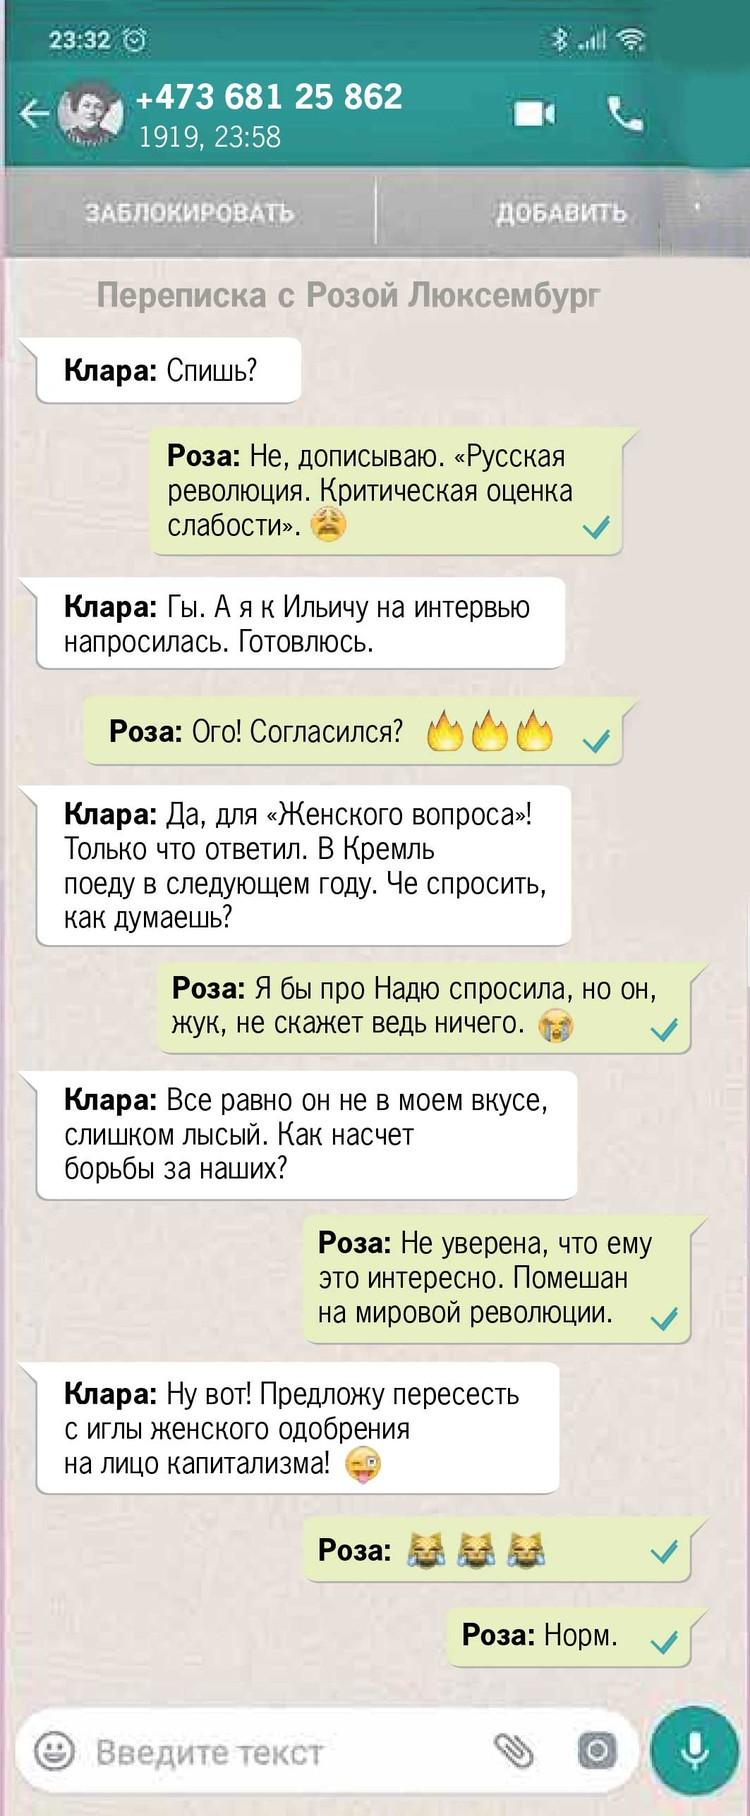 Переписка Цеткин и Люксембург в WhatsApp.